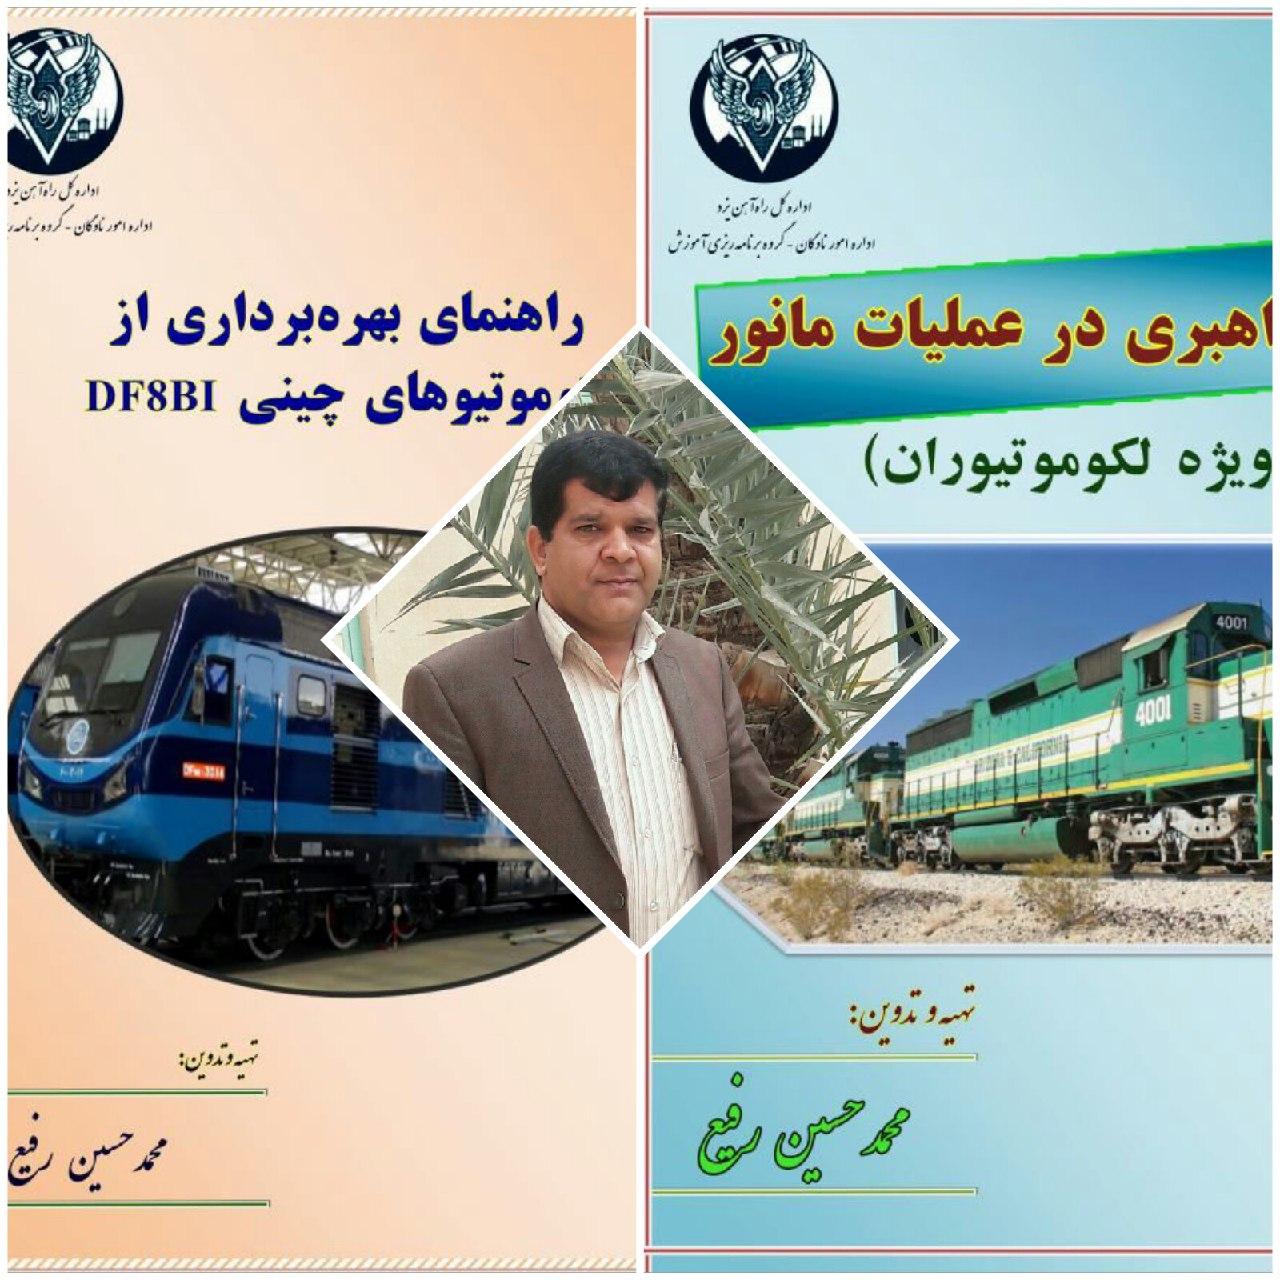 نگارش و چاپ دوجلد کتاب آموزشی تخصصی در راه آهن یزد